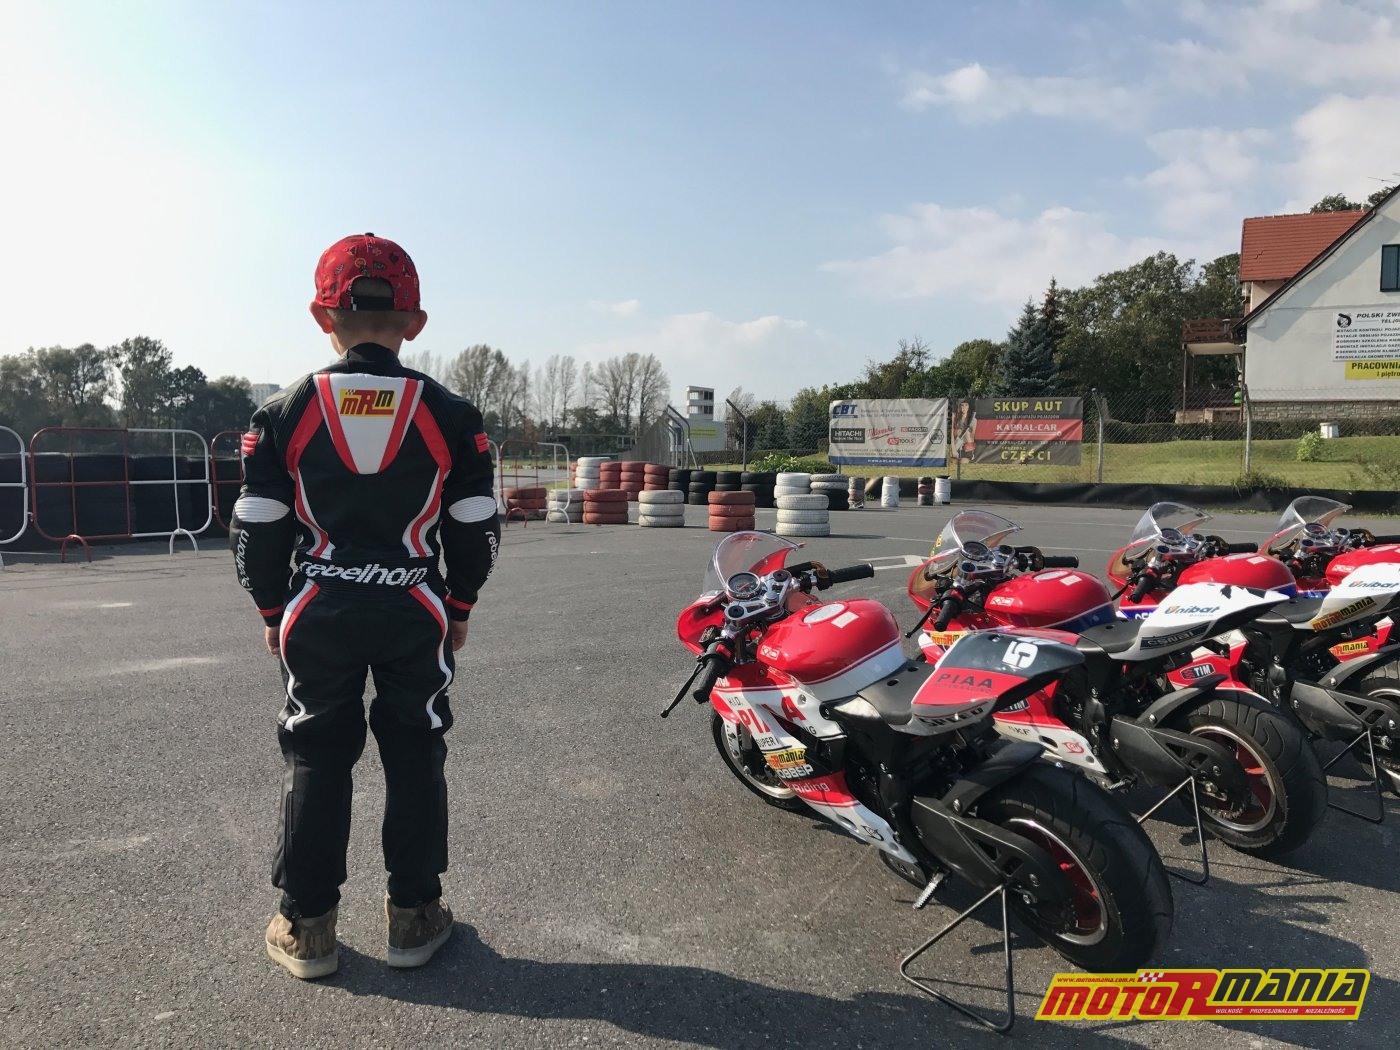 MotoRmania KidzGP - dzieci na motocyklach (9)